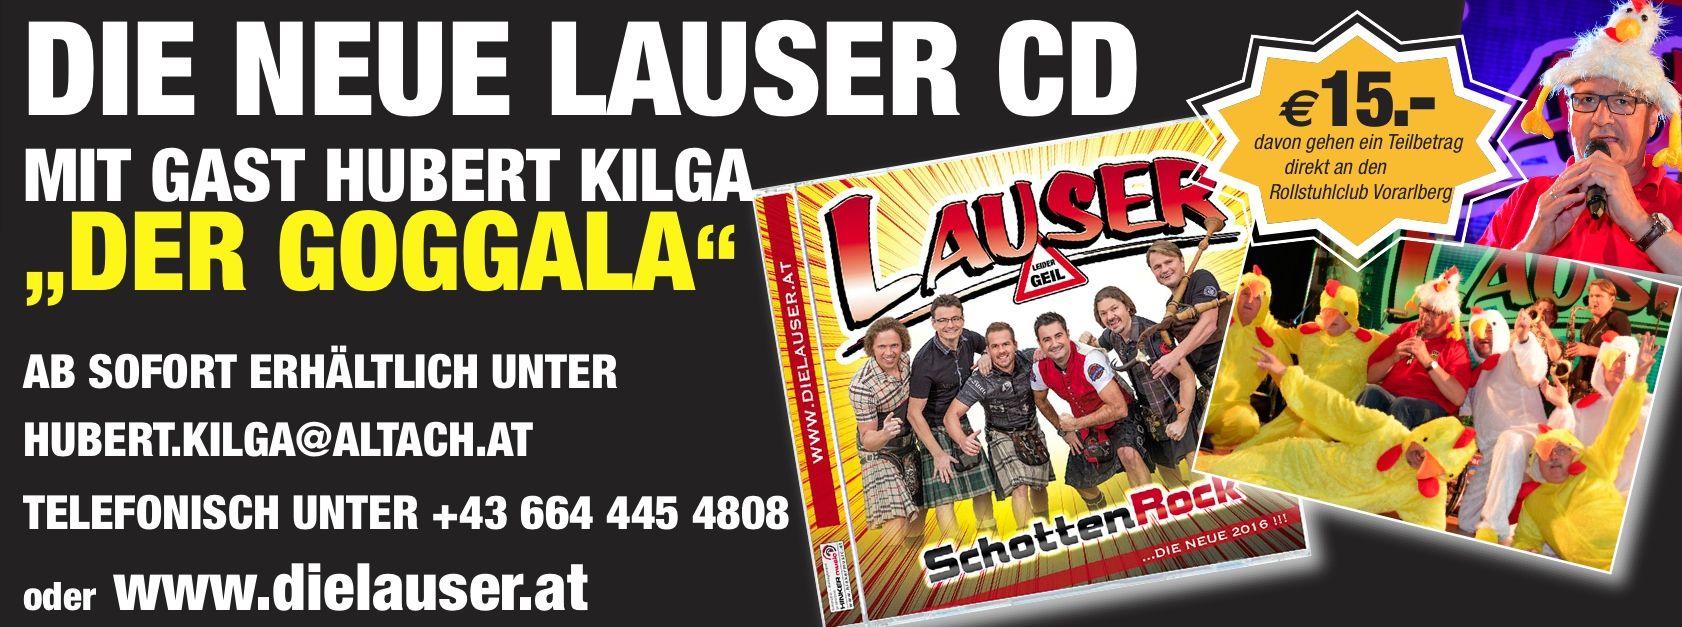 Die Neue Lauser CD – Mit Dem GOGGALA